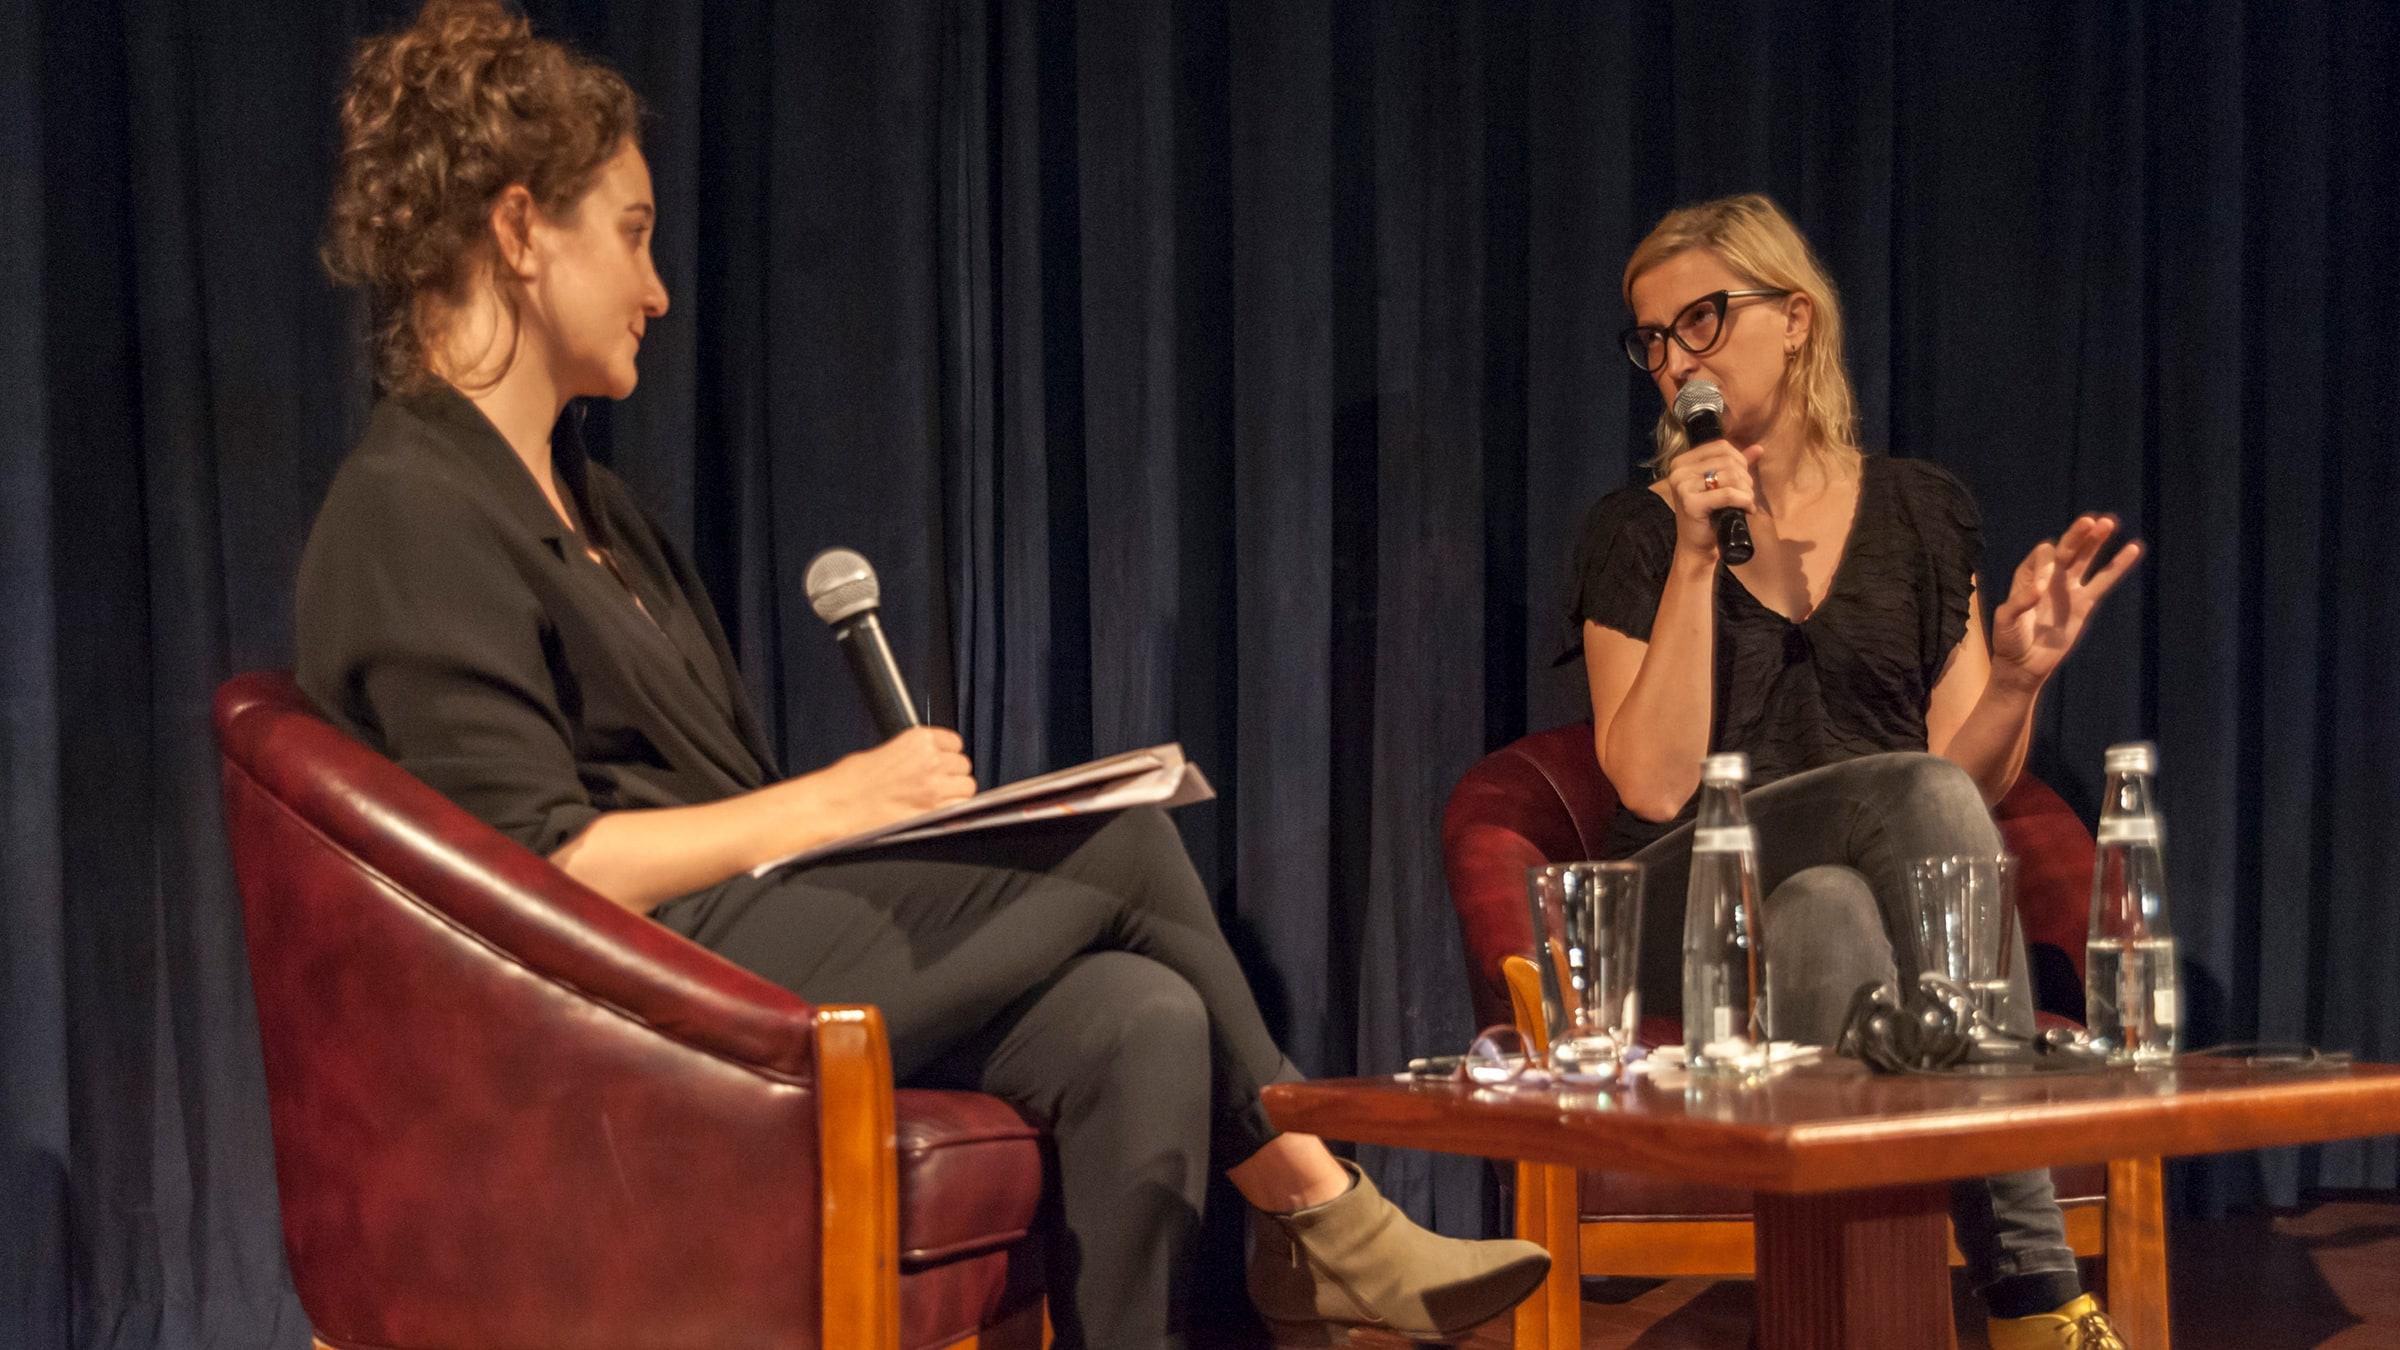 Yönetmen Jasmila Žbanić ile Söyleşi